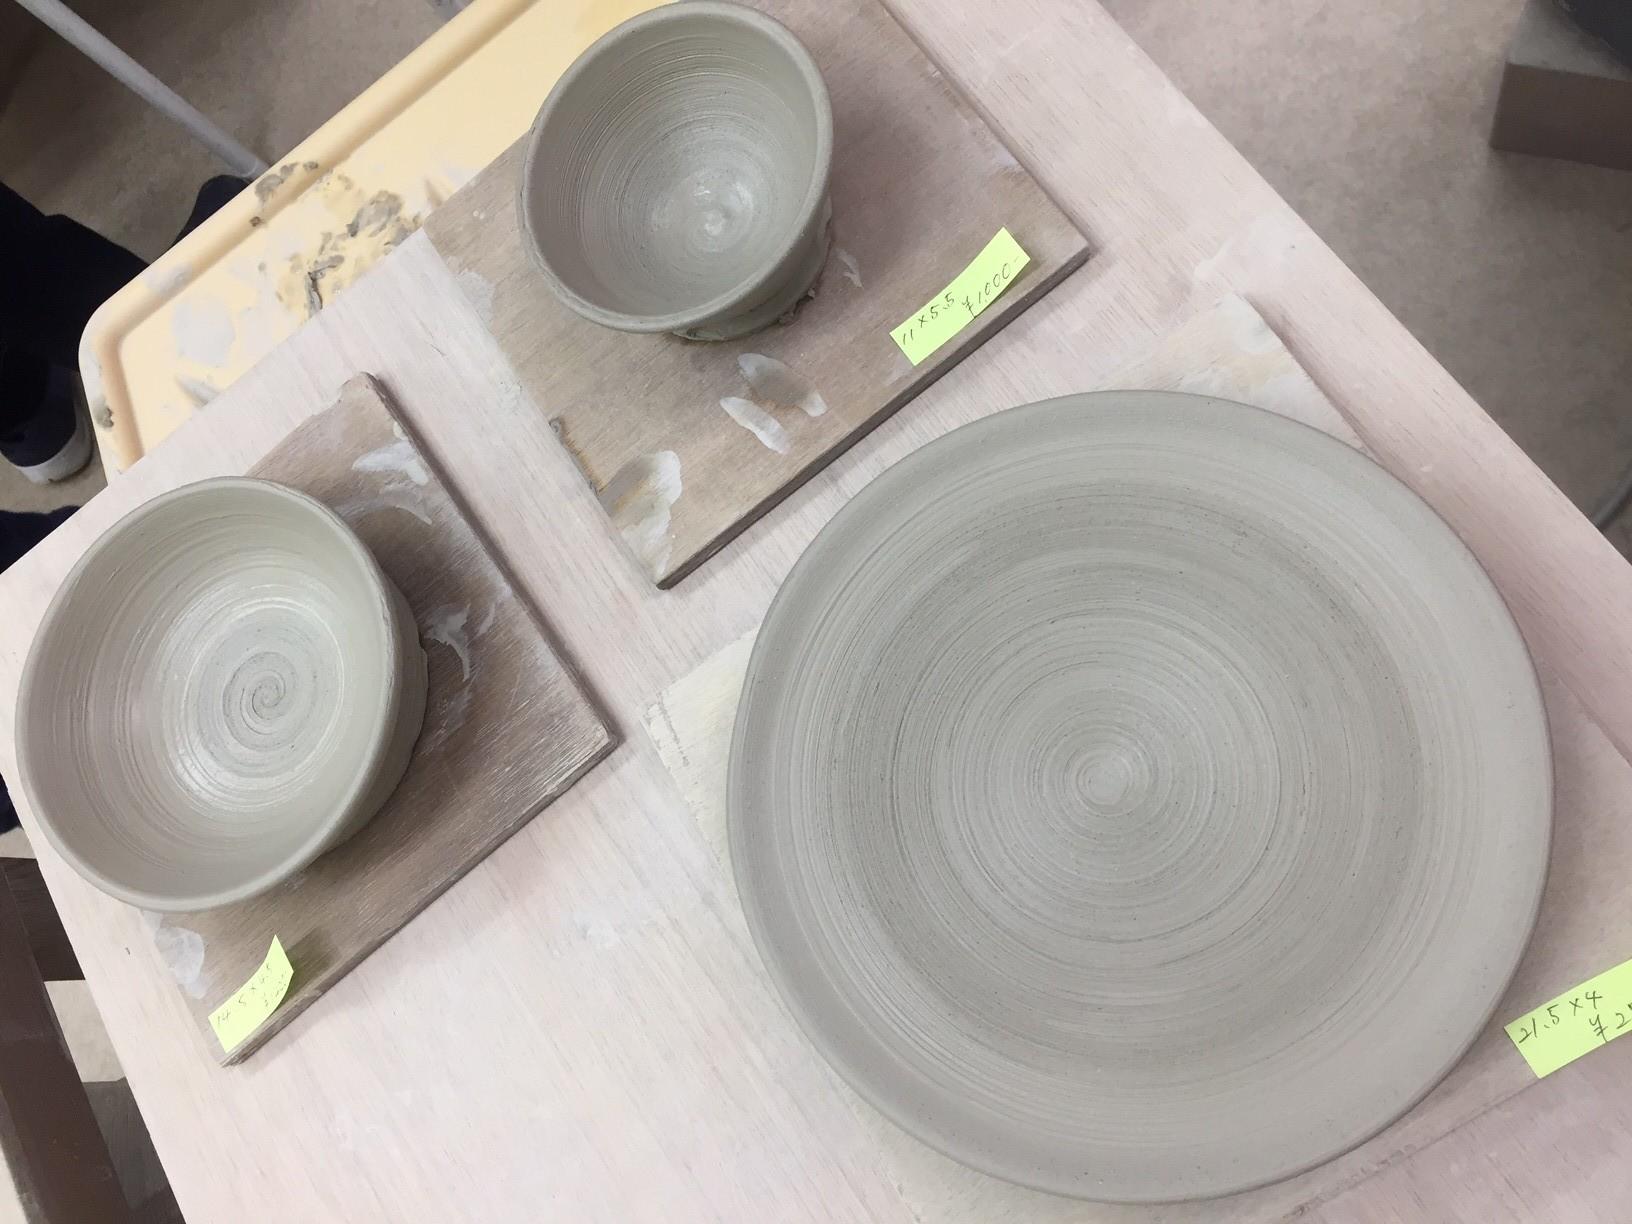 東京で陶芸食器作り体験3500円!!電動ろくろで予想以上の完成度!!